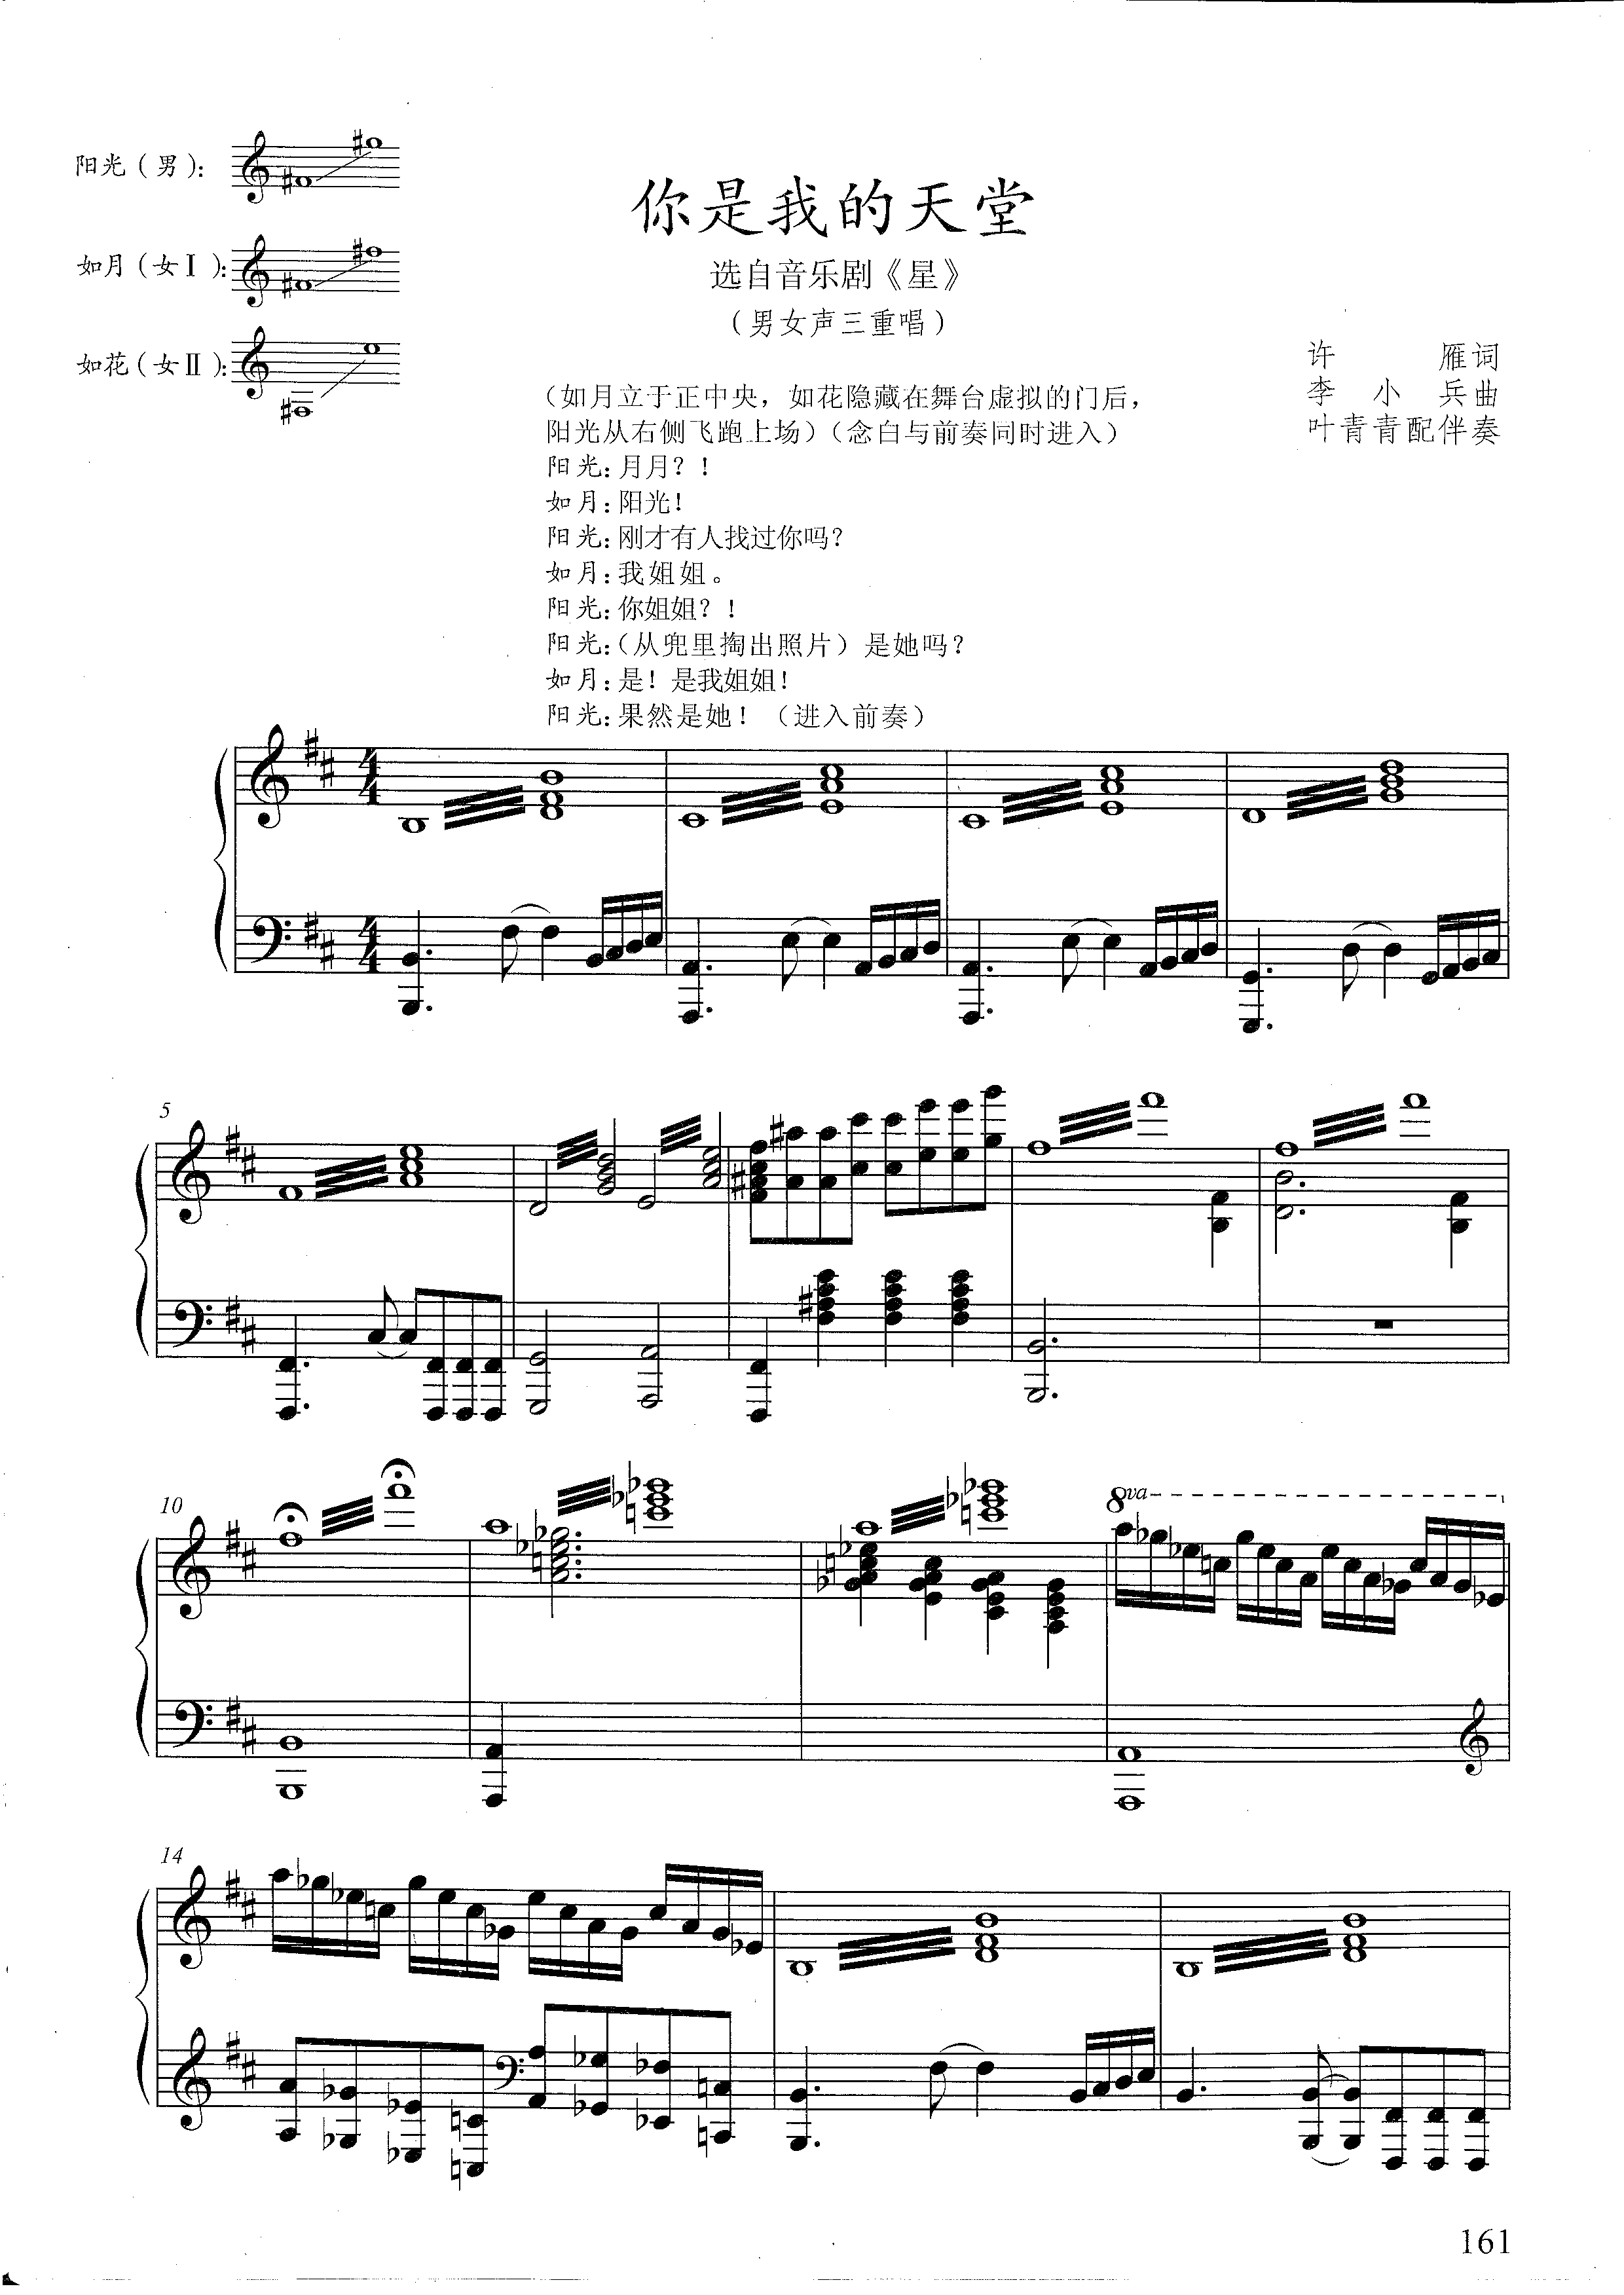 黑雾 钢琴伴奏谱 正谱 五线谱 声乐谱 伴奏谱 钢琴谱[原调-f-d]-lj